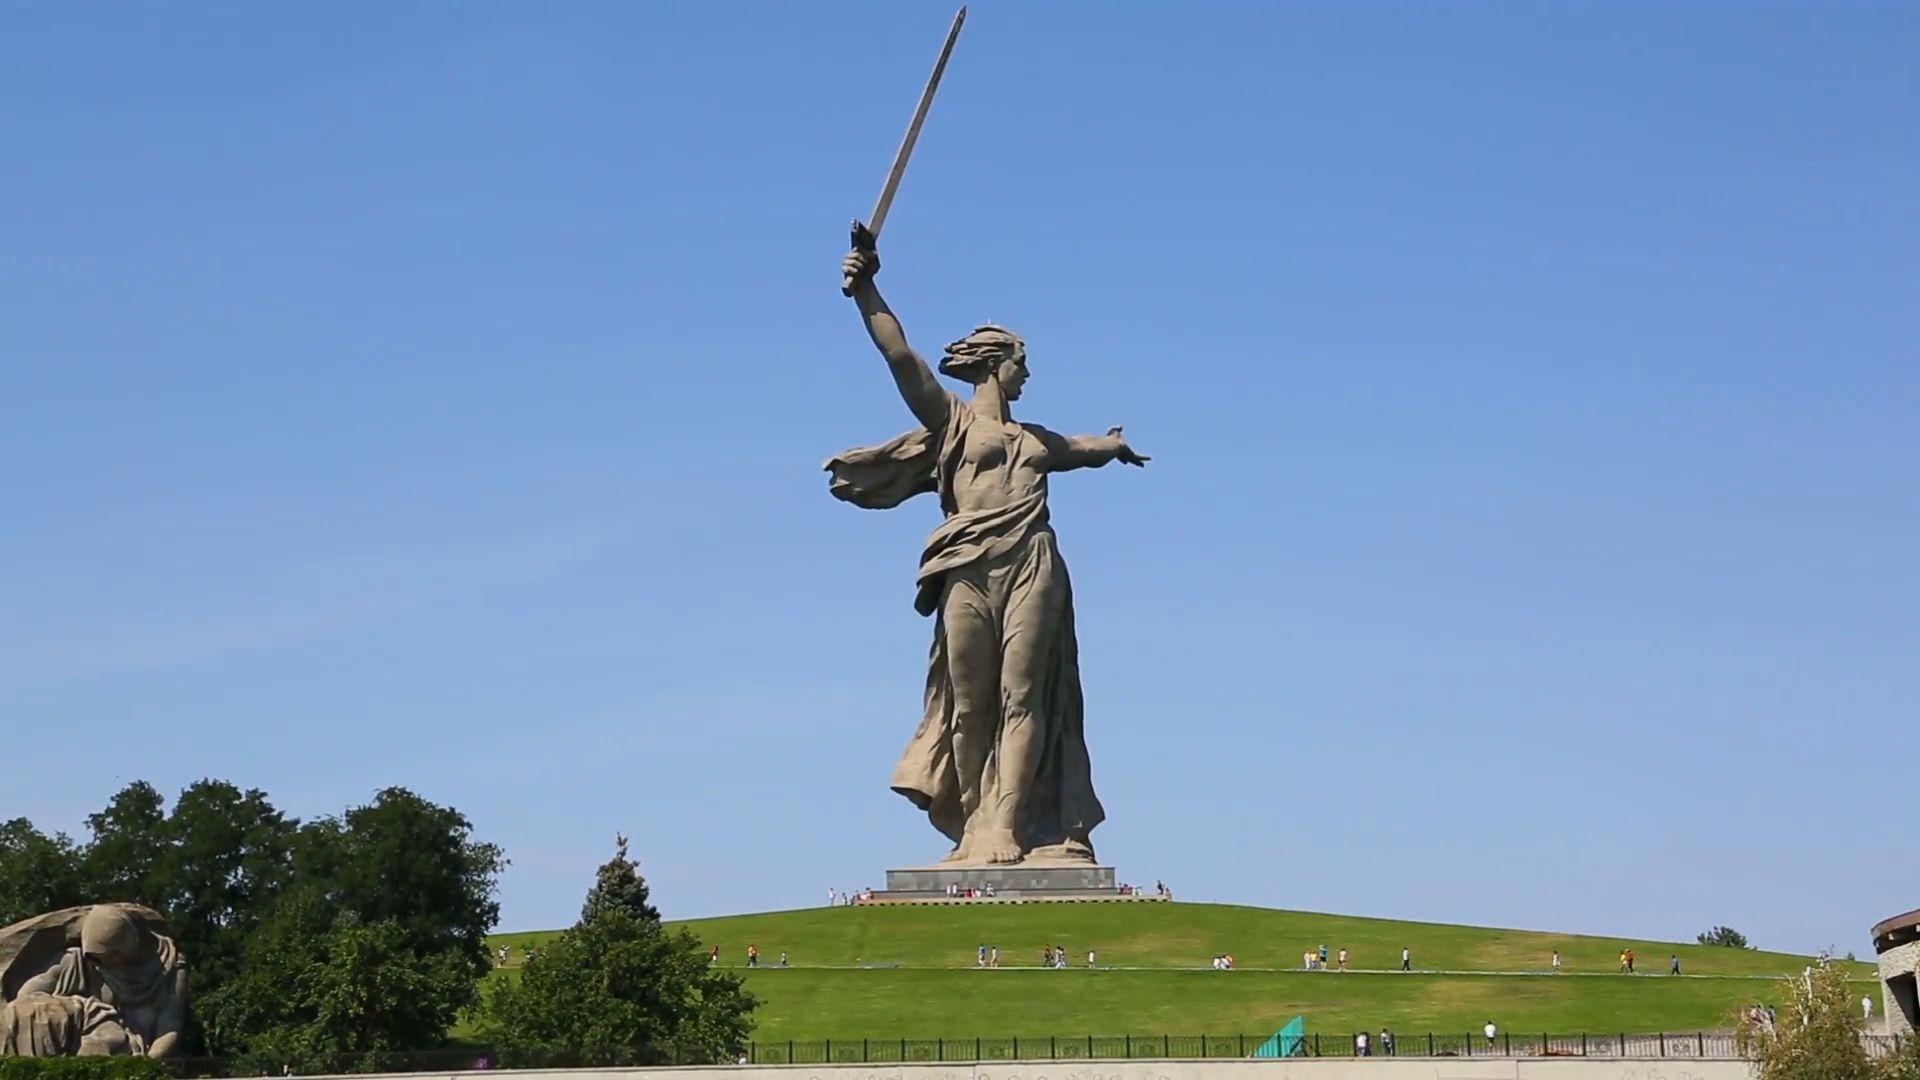 Ini 7 Patung Tertinggi di Dunia, Ada Garuda Wisnu Kencana Lho!